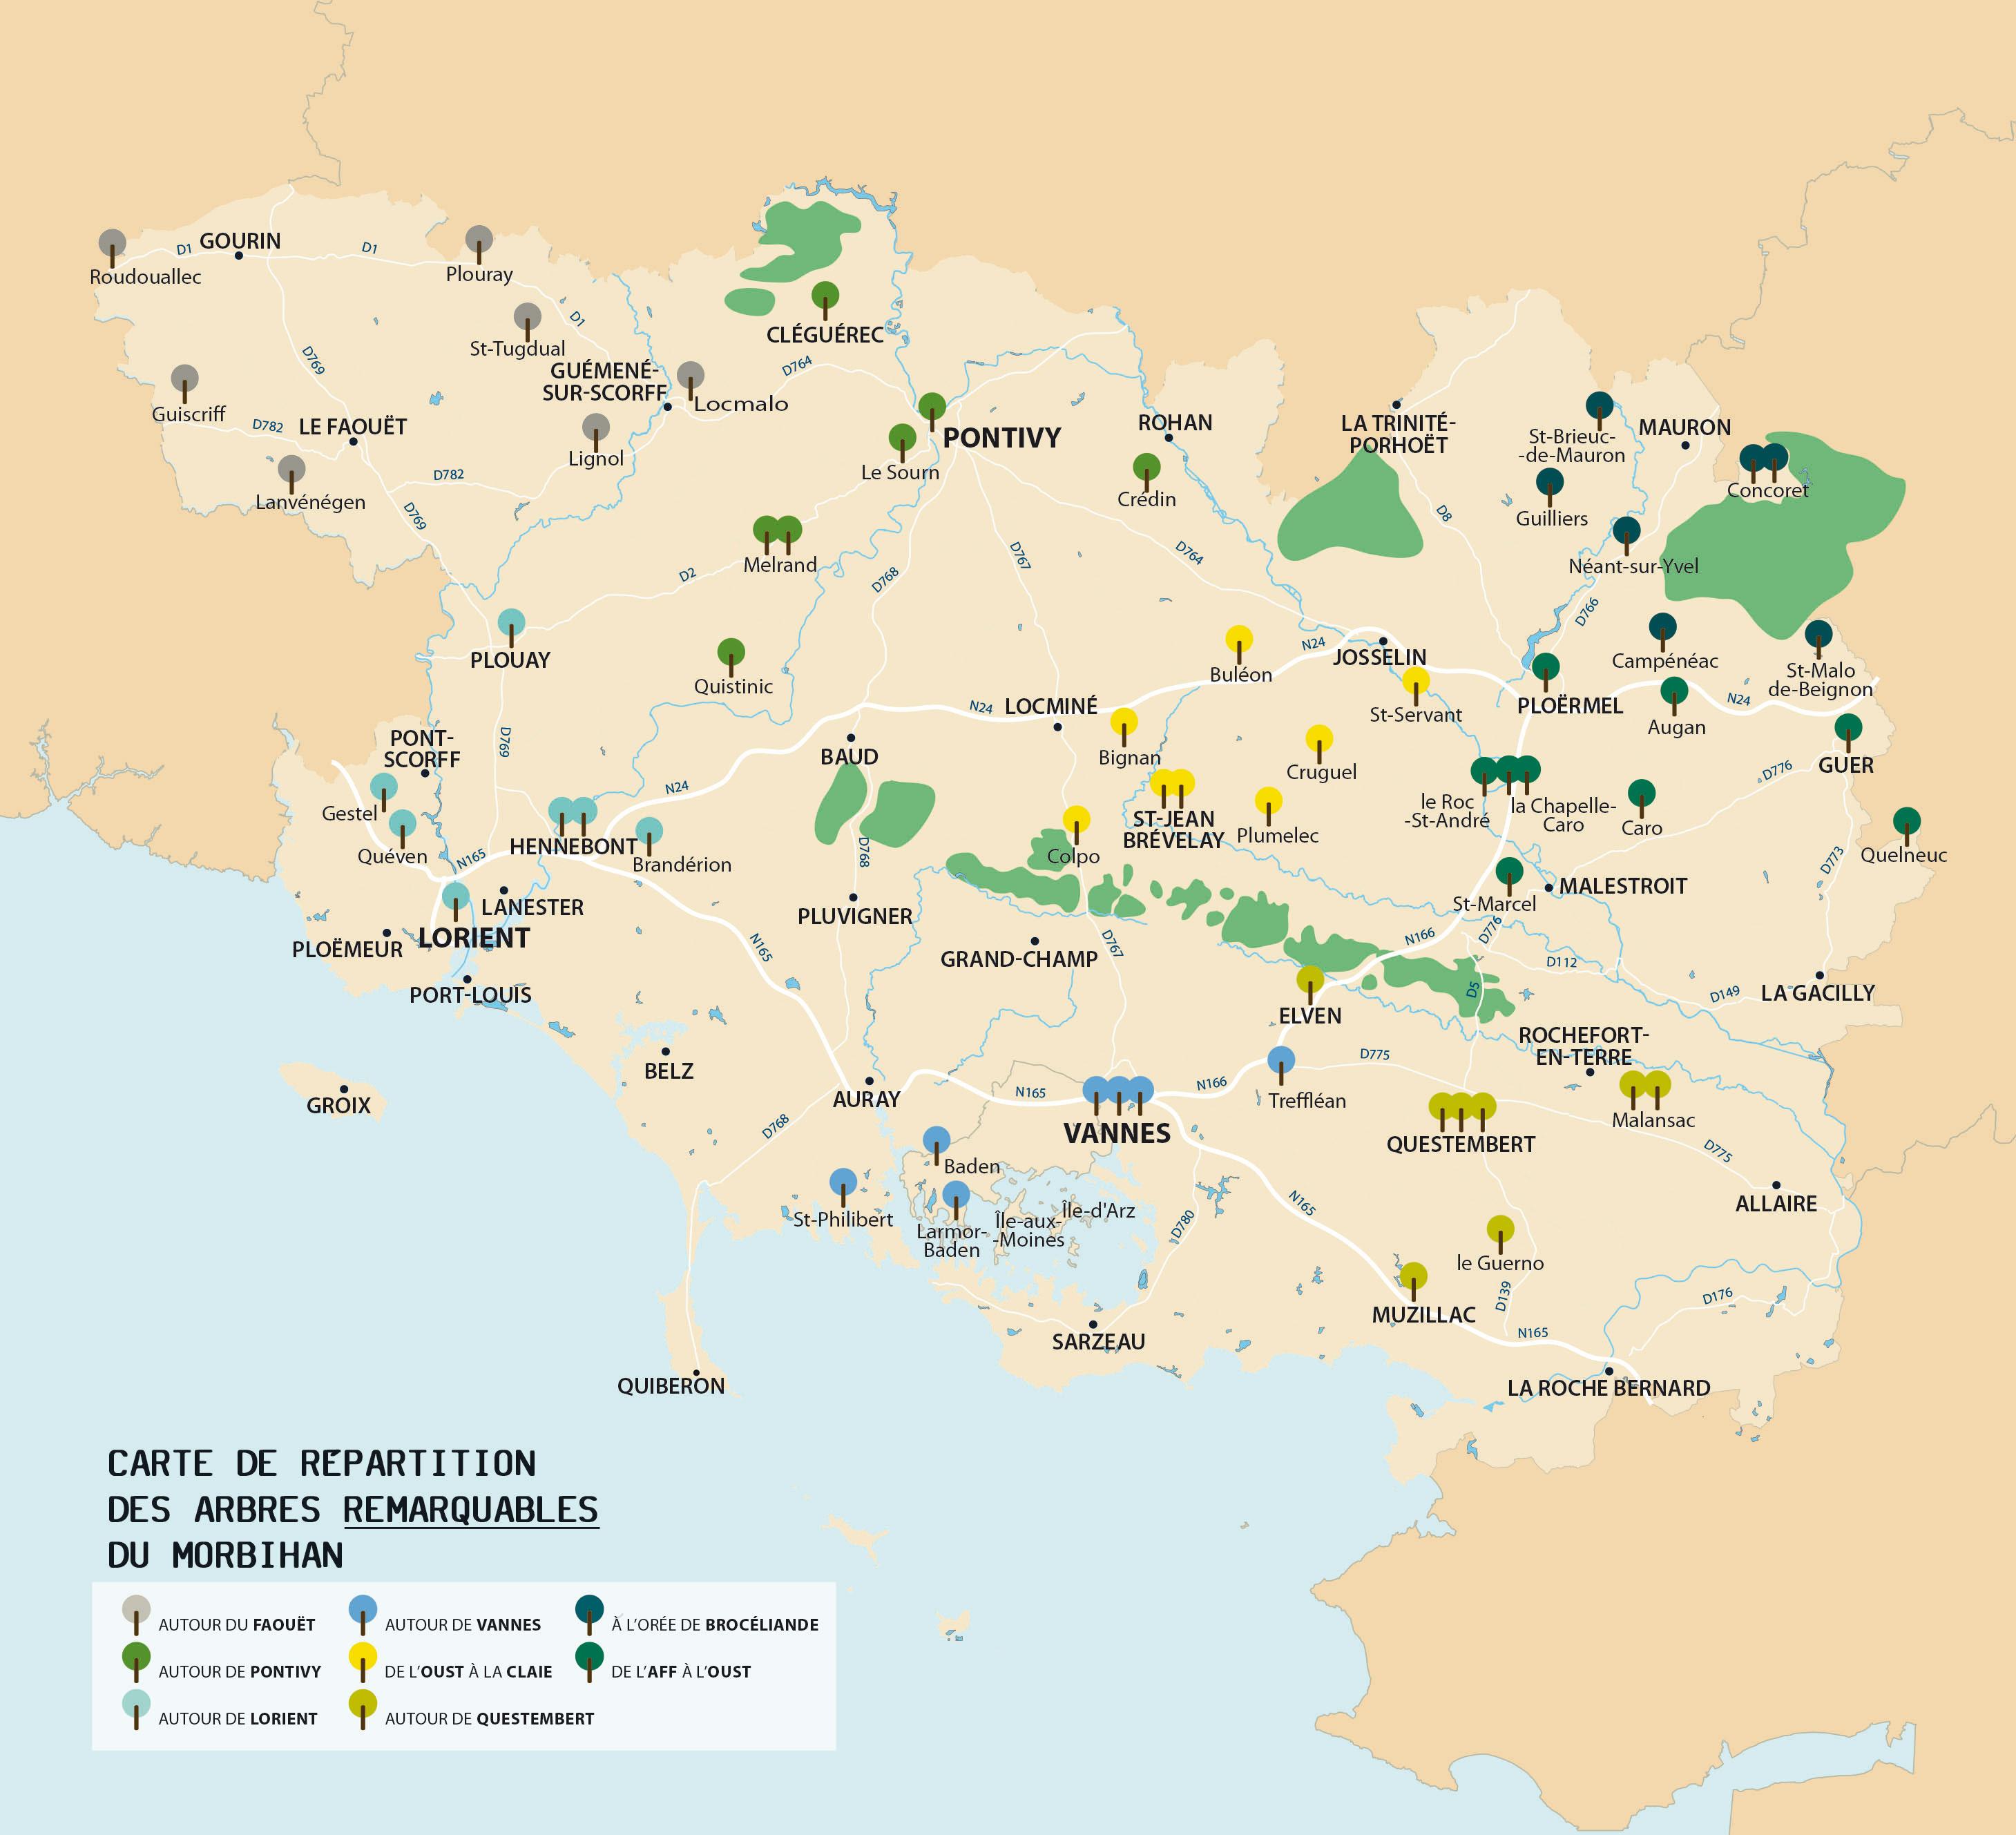 Les arbres remarquables du Morbihan   Conseil départemental du